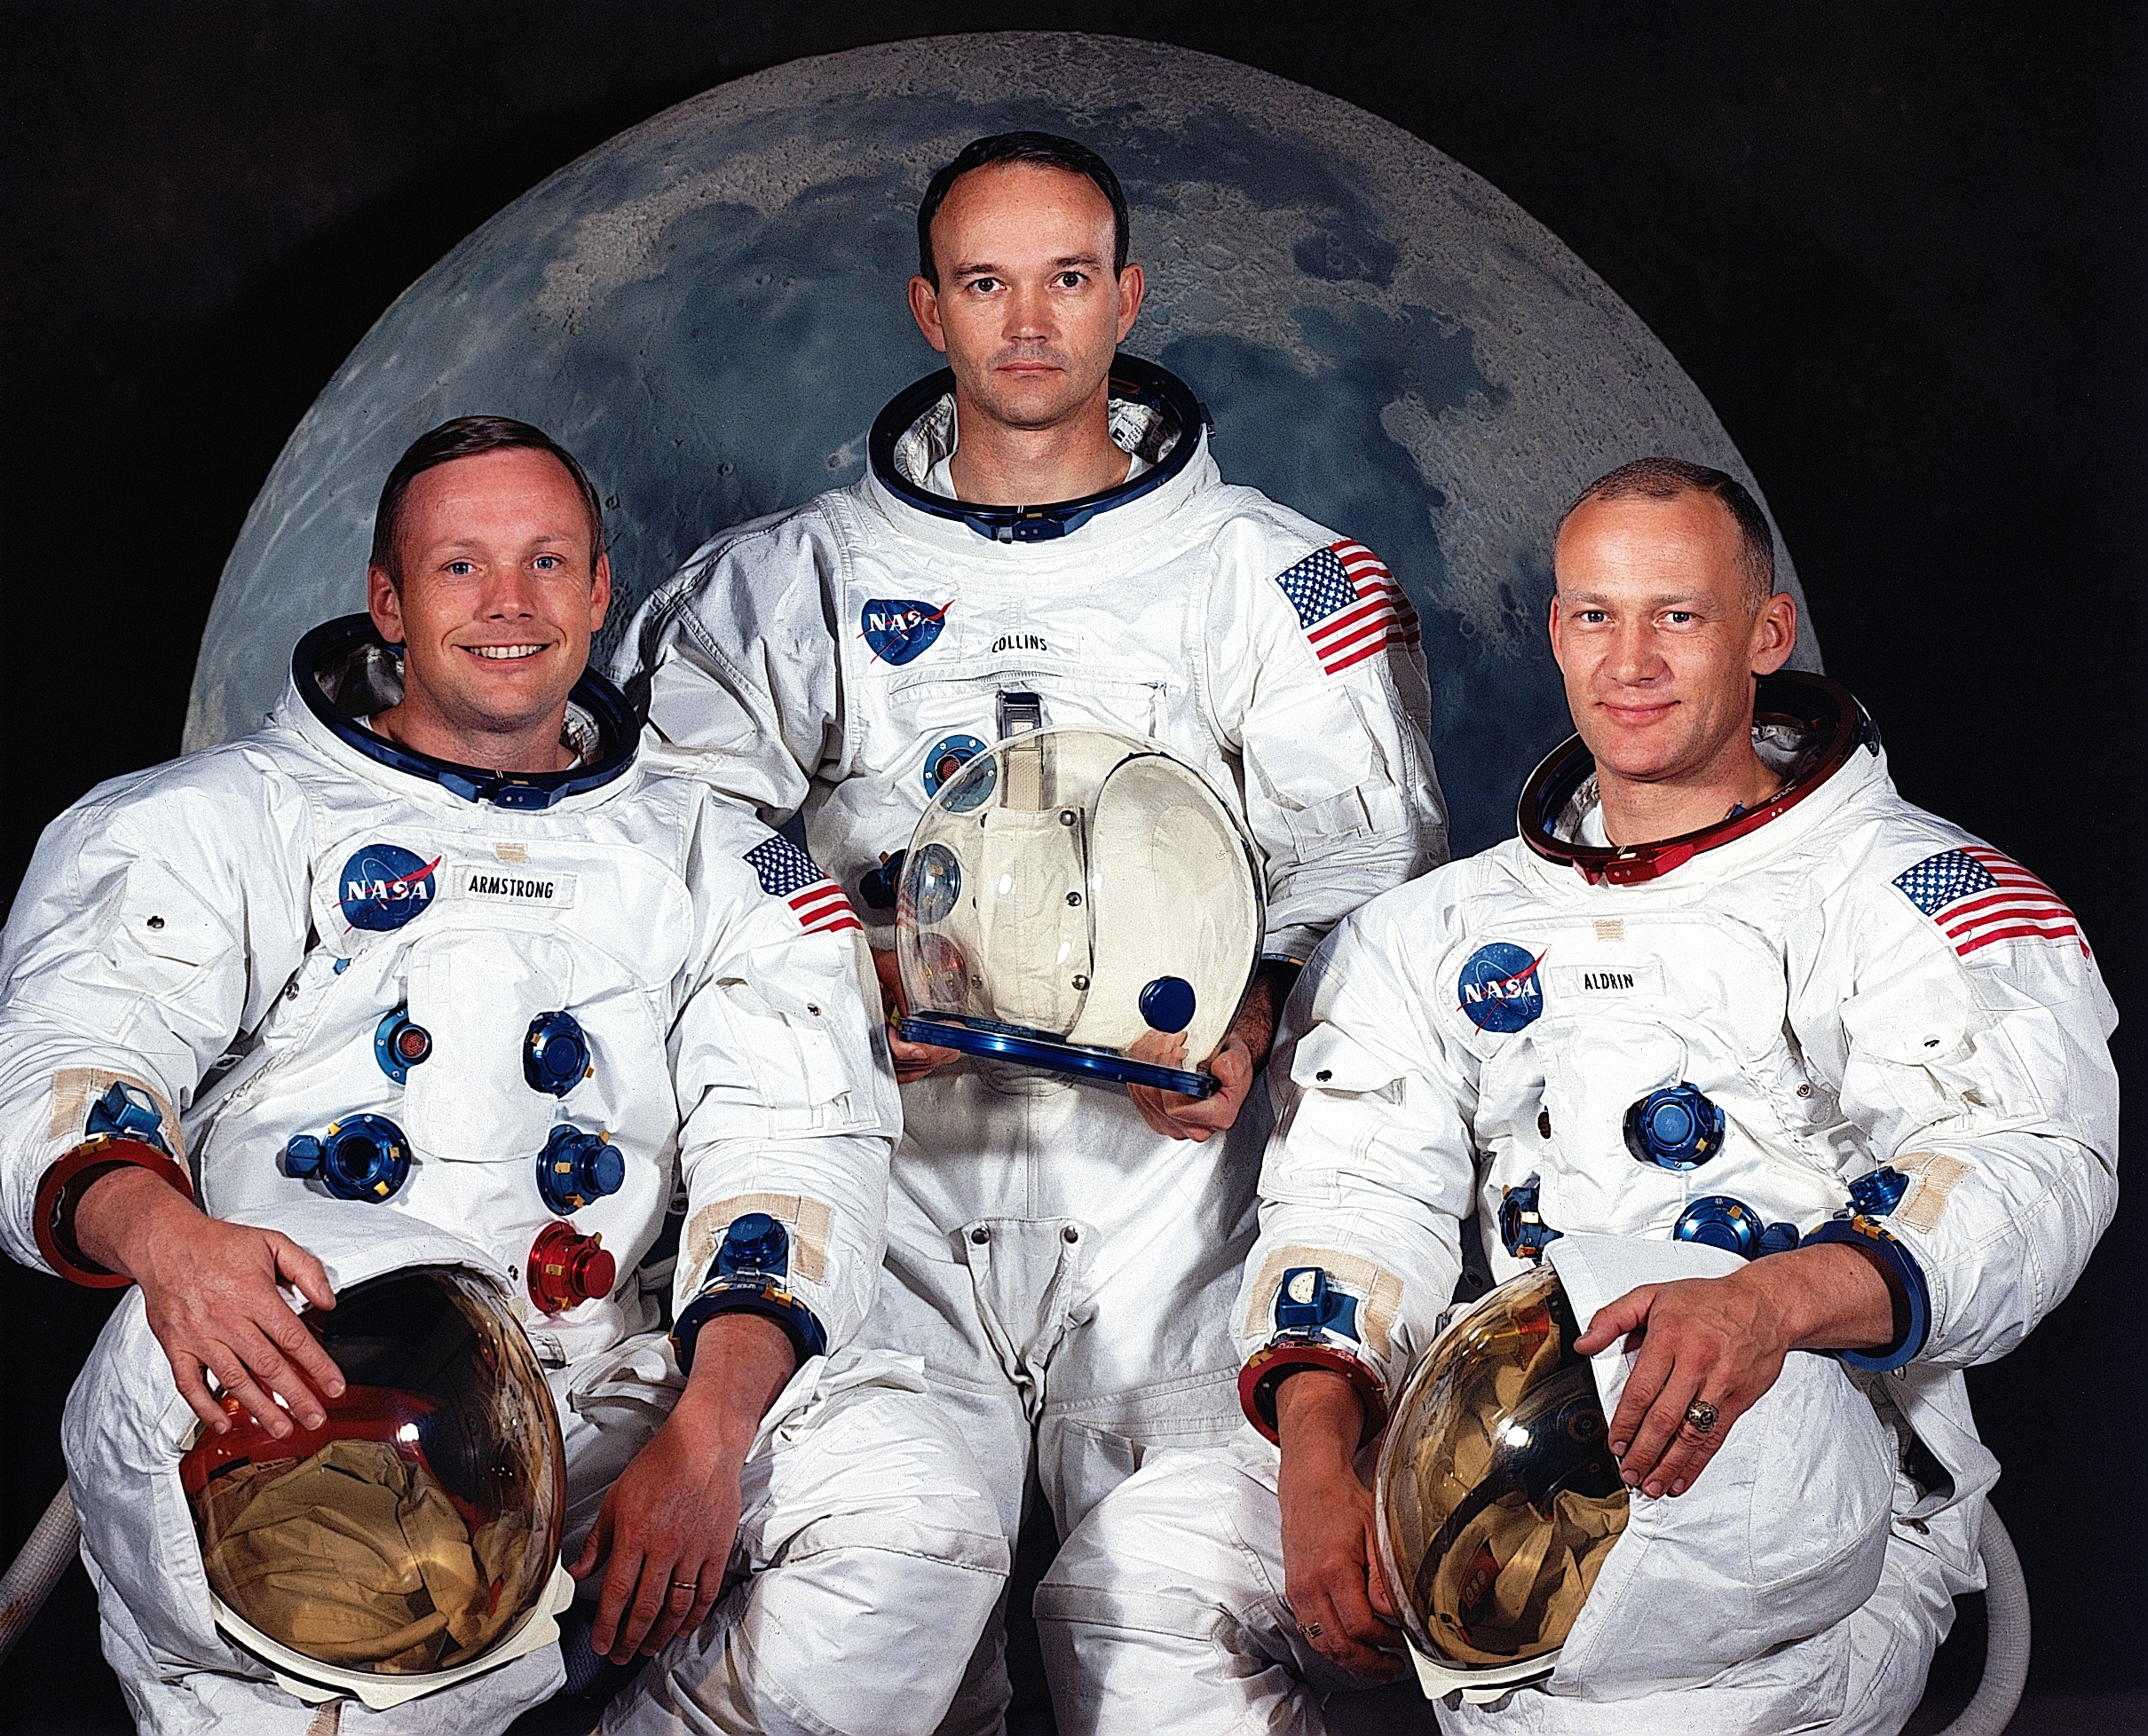 นักบินอวกาศในภารกิจอะพอลโล 11 จากซ้ายไปขวาได้แก่   นีล อาร์มสตรอง (ผู้บัญชาการ), ไมเคิล คอลลินส์ (นักบินบังคับยานรอบดวงจันมร์) และ   บัซซ์ อัลดริน (นักบินอวกาศผู้ติดตามไปกับอาร์มสตรอง): ภาพจาก NASA